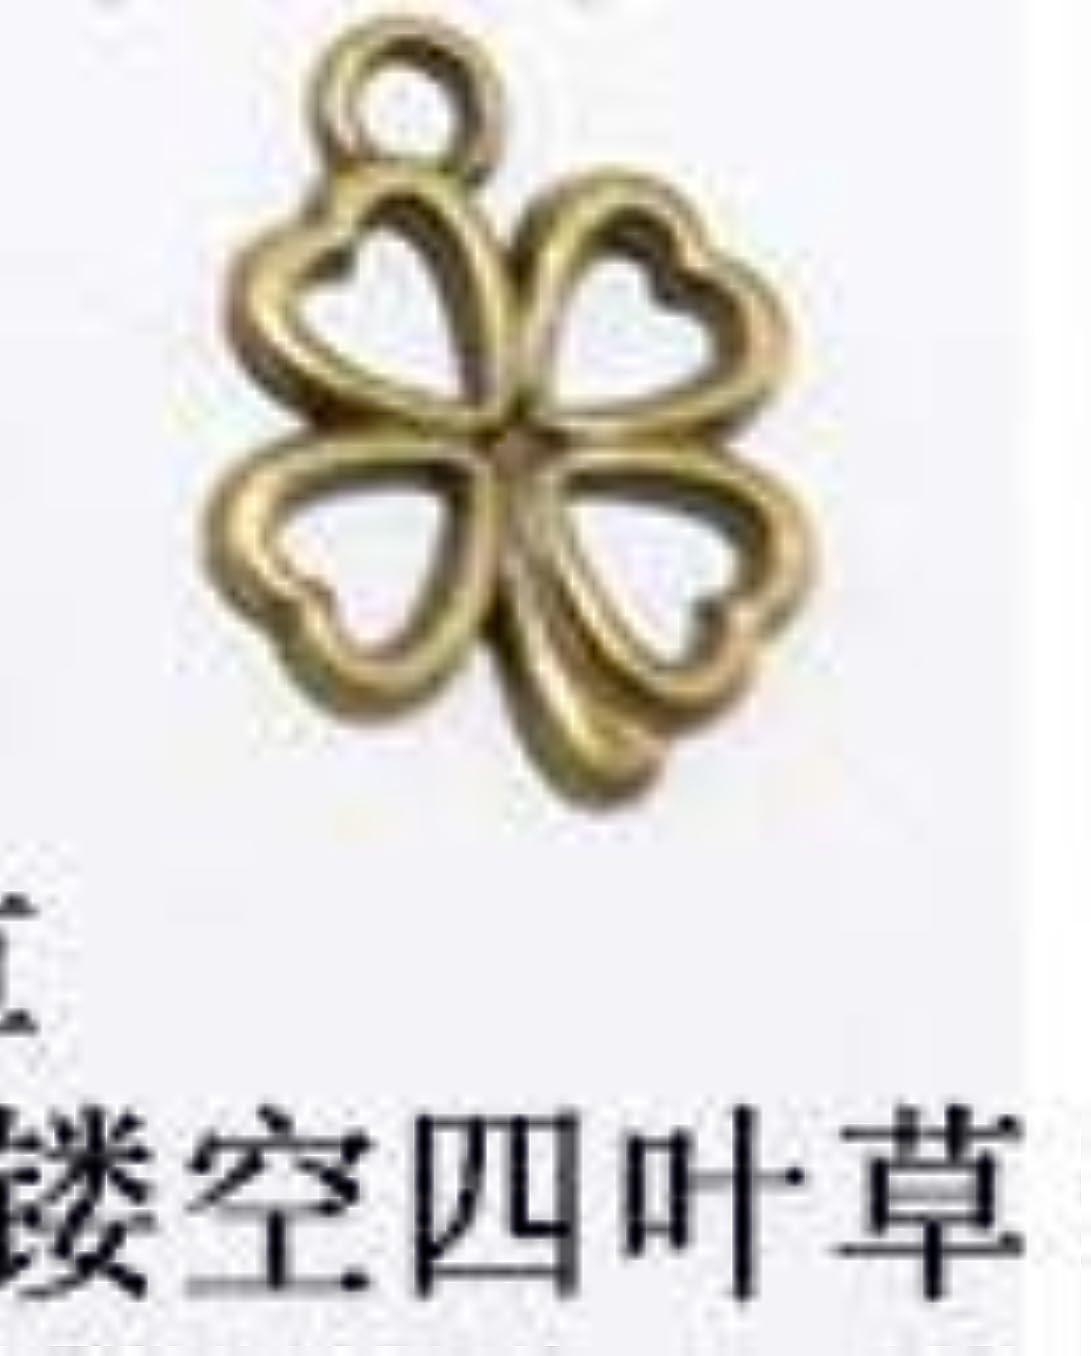 フォアマン絶望モンスタージュエリーパーツ?部品すべての種類の青銅色の金具葉アンティーク真鍮製オハイオ州女性の葉#JZ106 JZ114